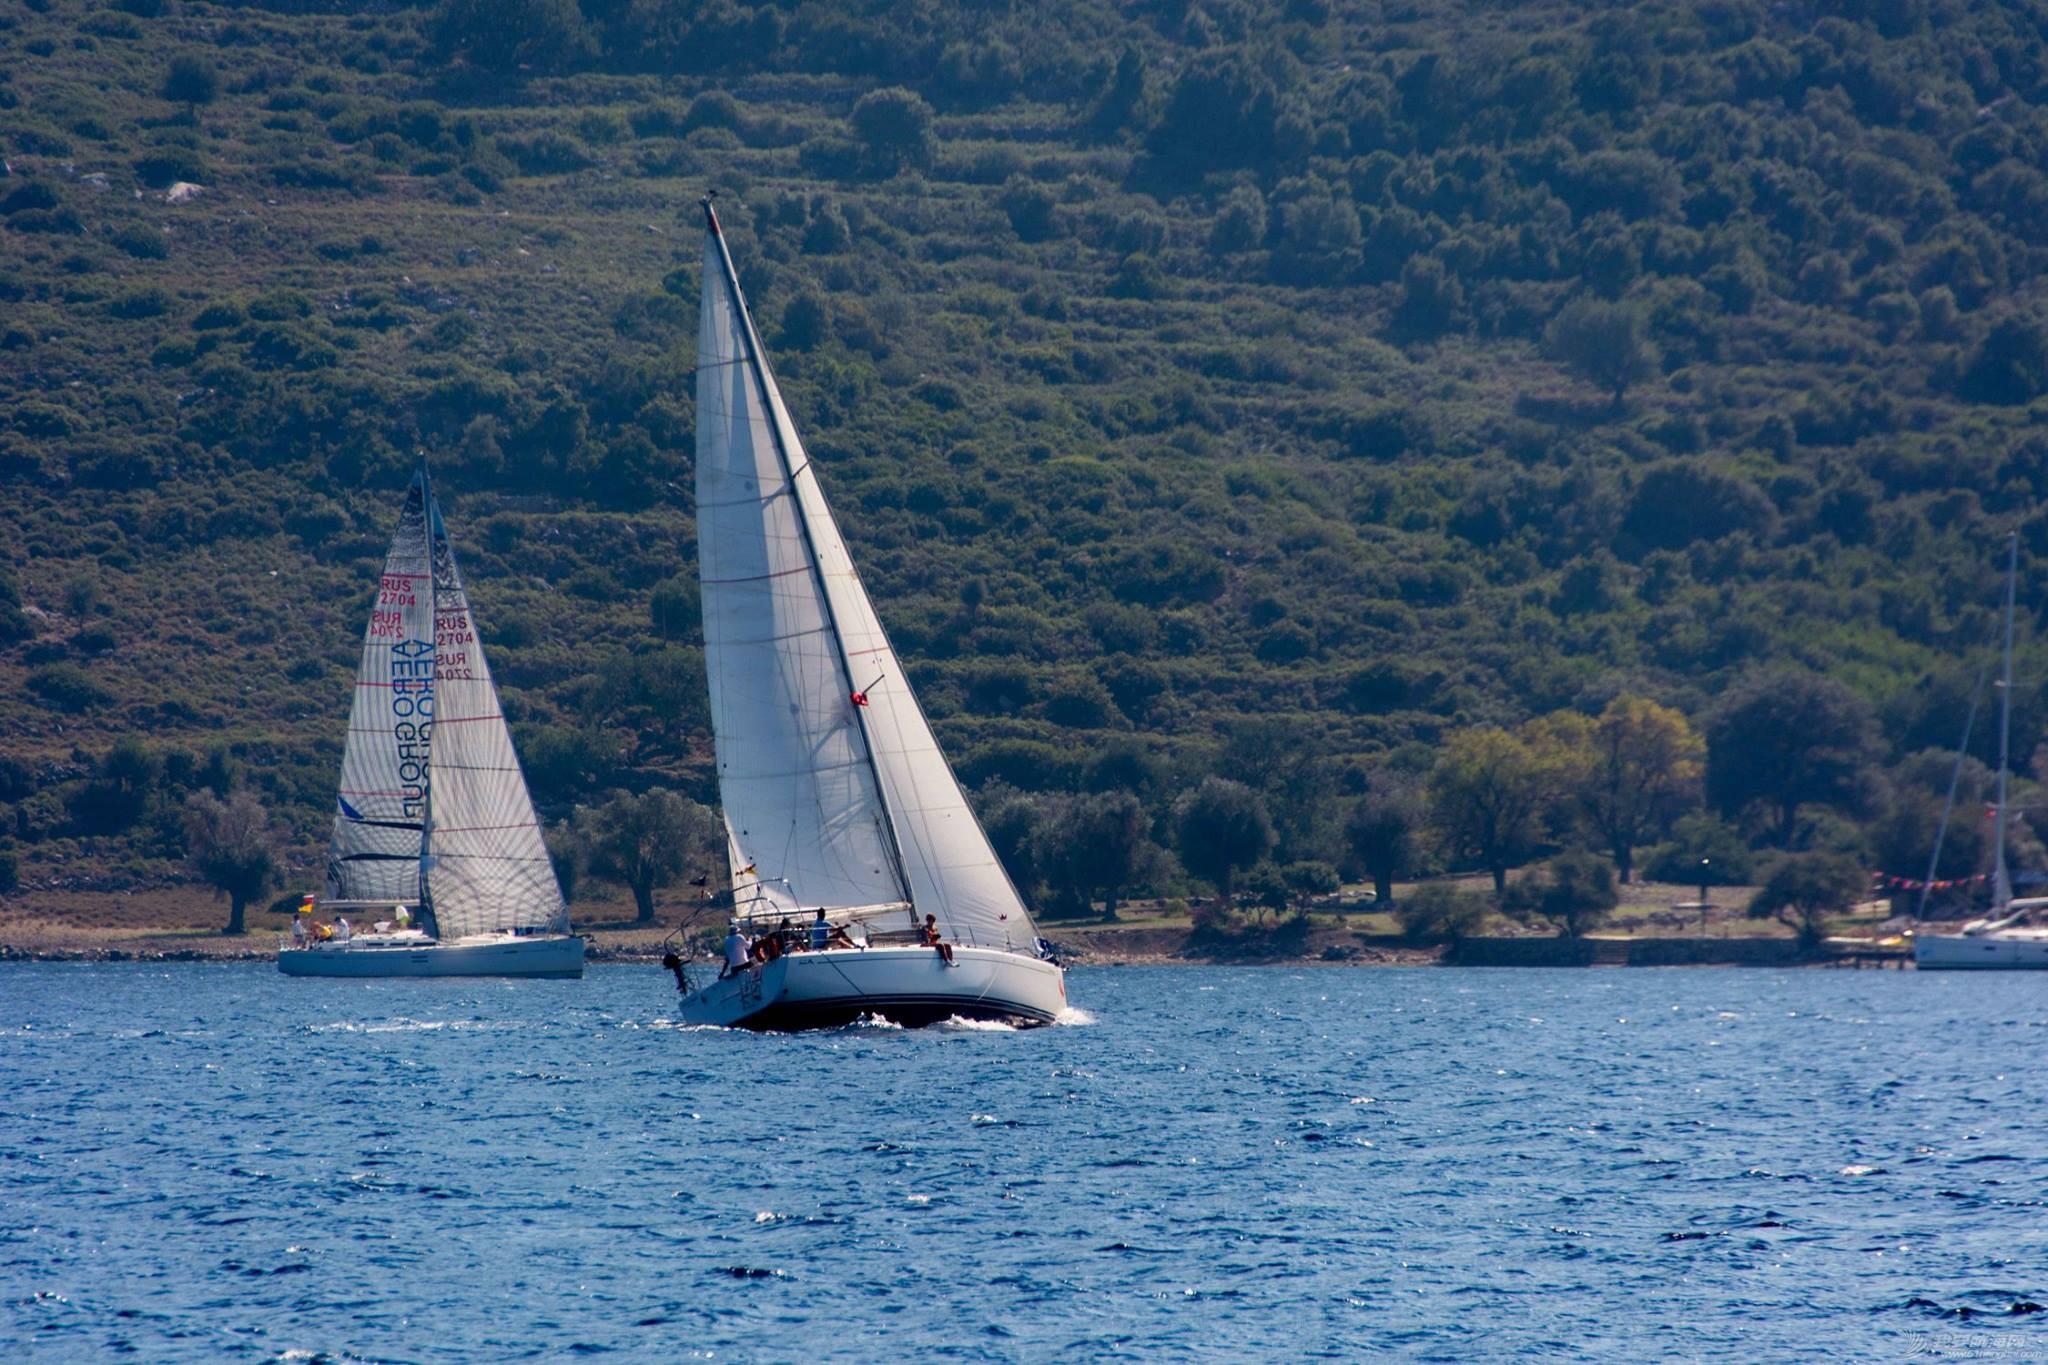 土耳其 航海到土耳其又遇土耳其帆赛 12068998_1632435017015160_2734545047238867511_o.jpg